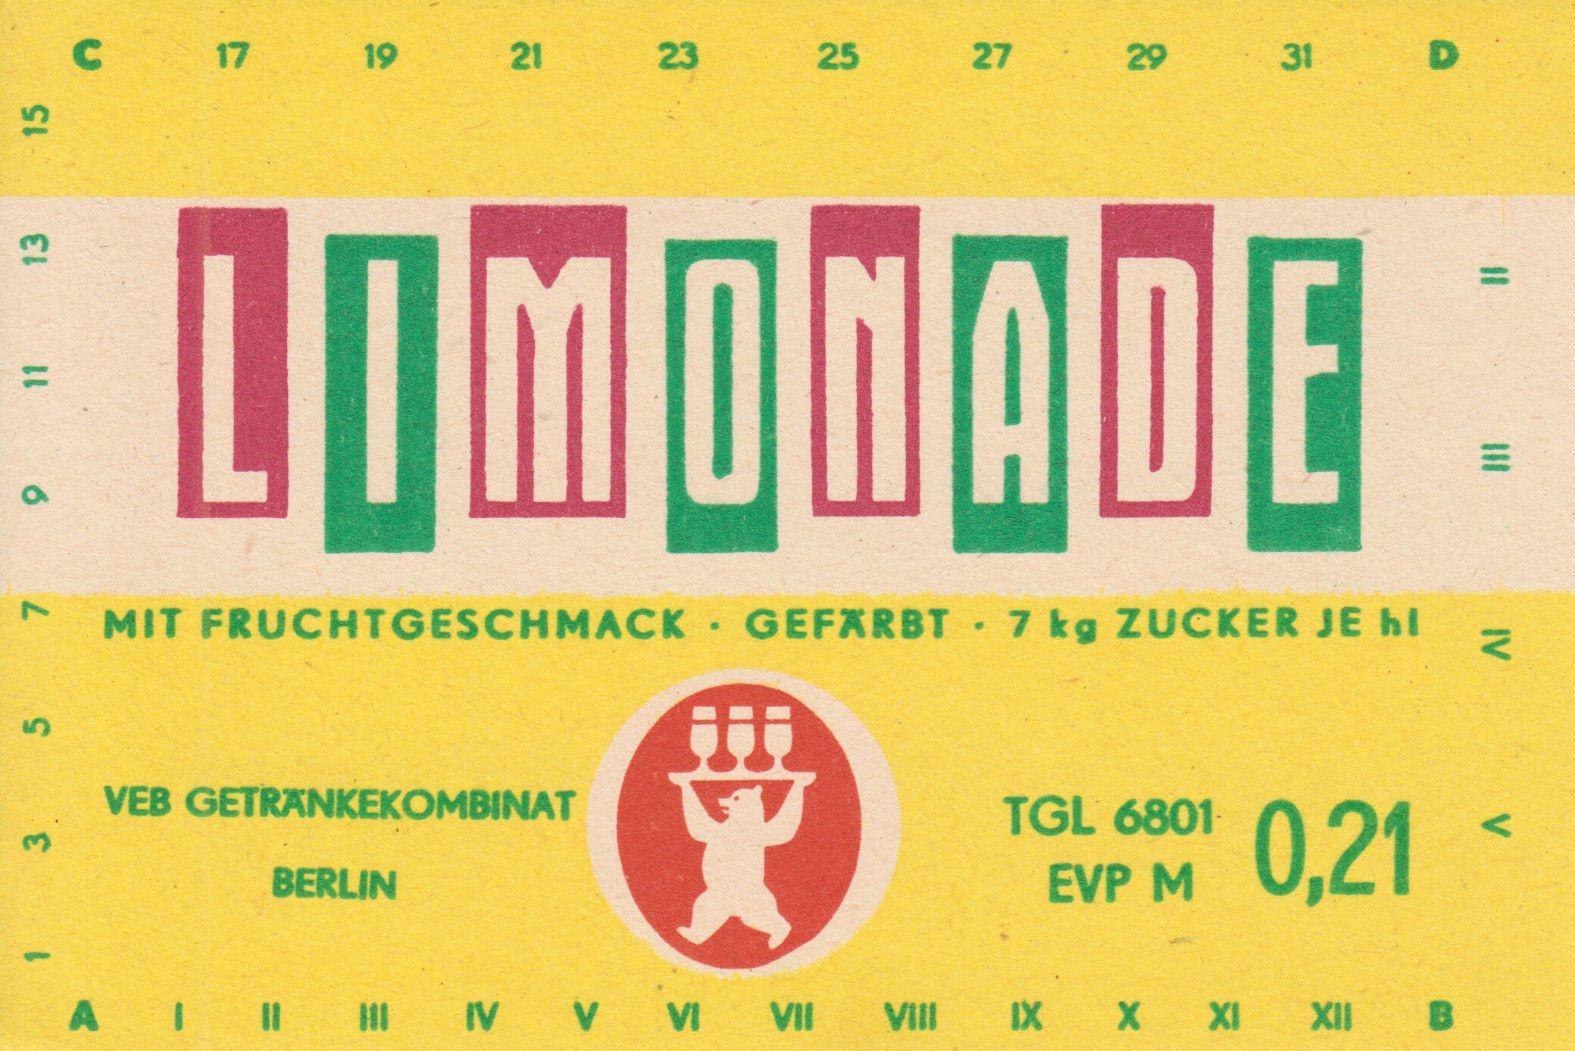 Limonade mit Fruchtgeschmack, VEB Getränkekombinat Berlin (Bild: historisches Etikett)